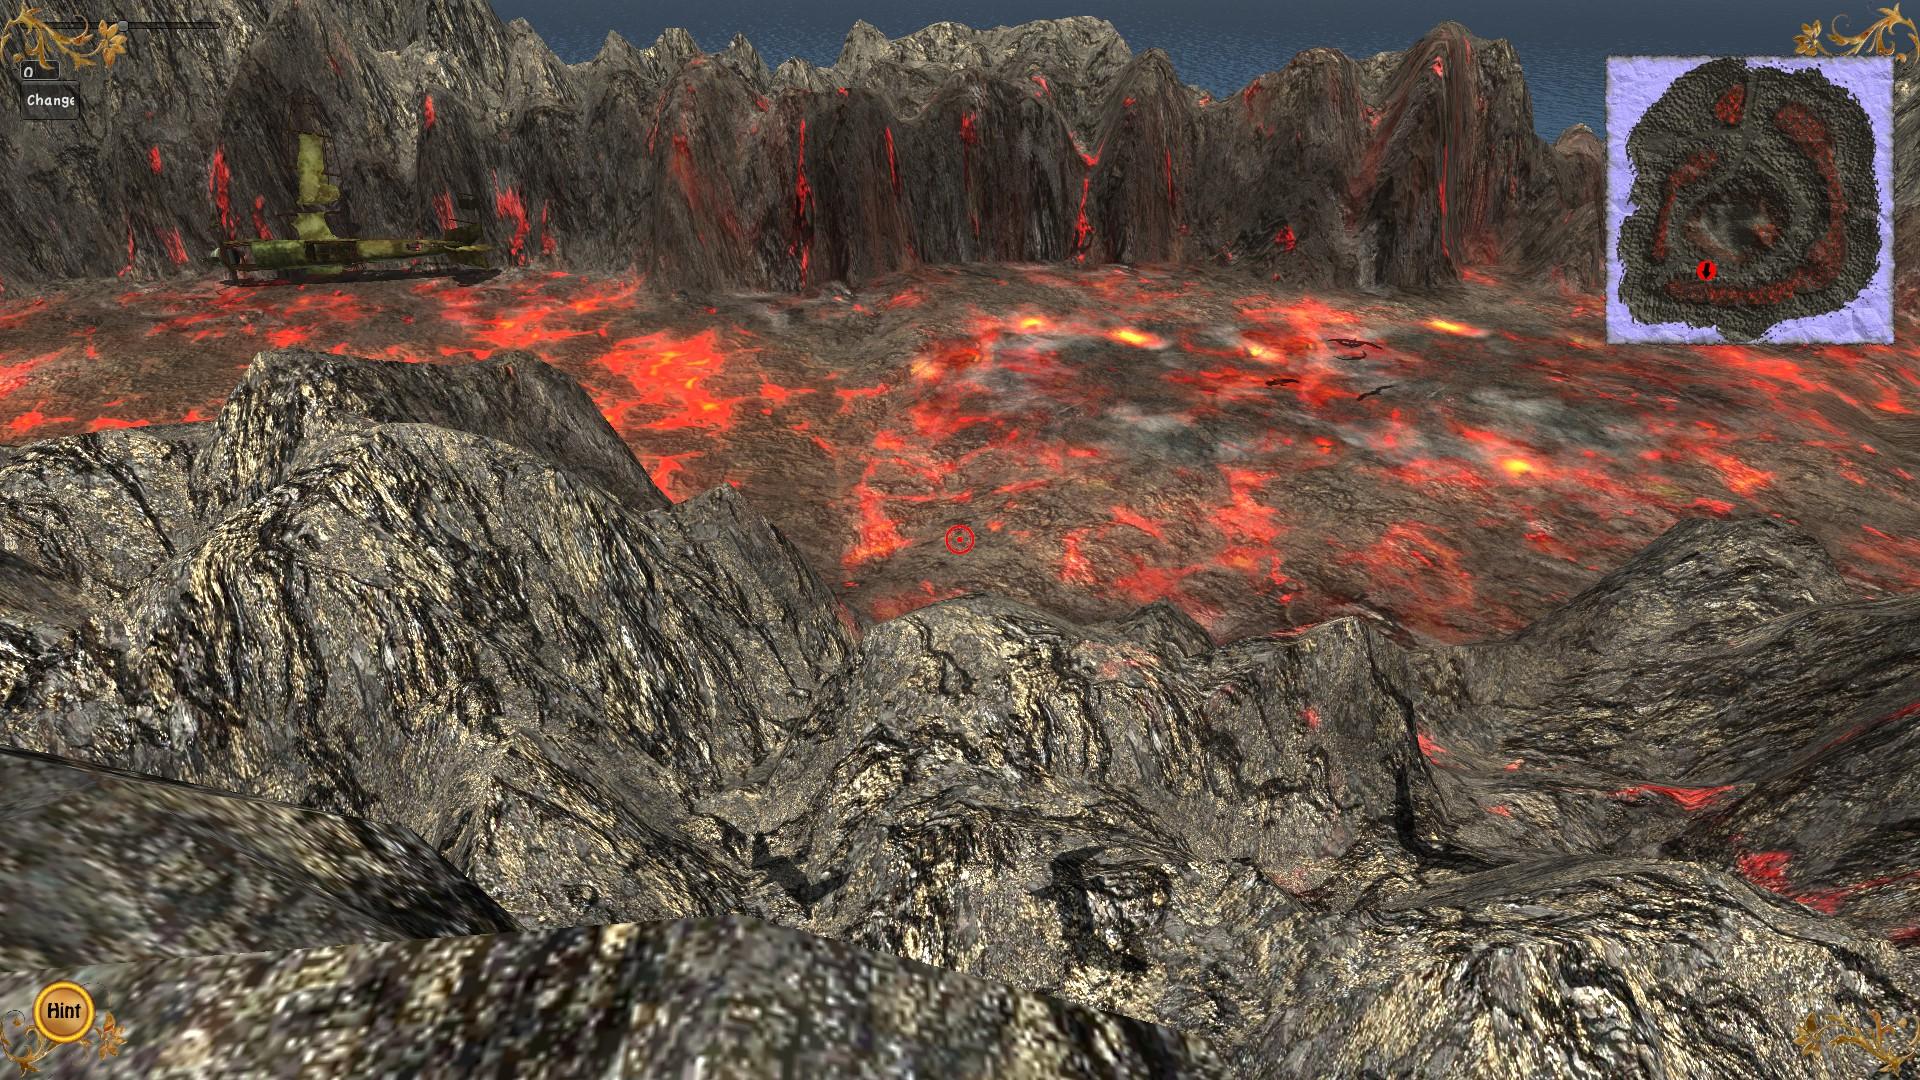 com.steam.446430-screenshot